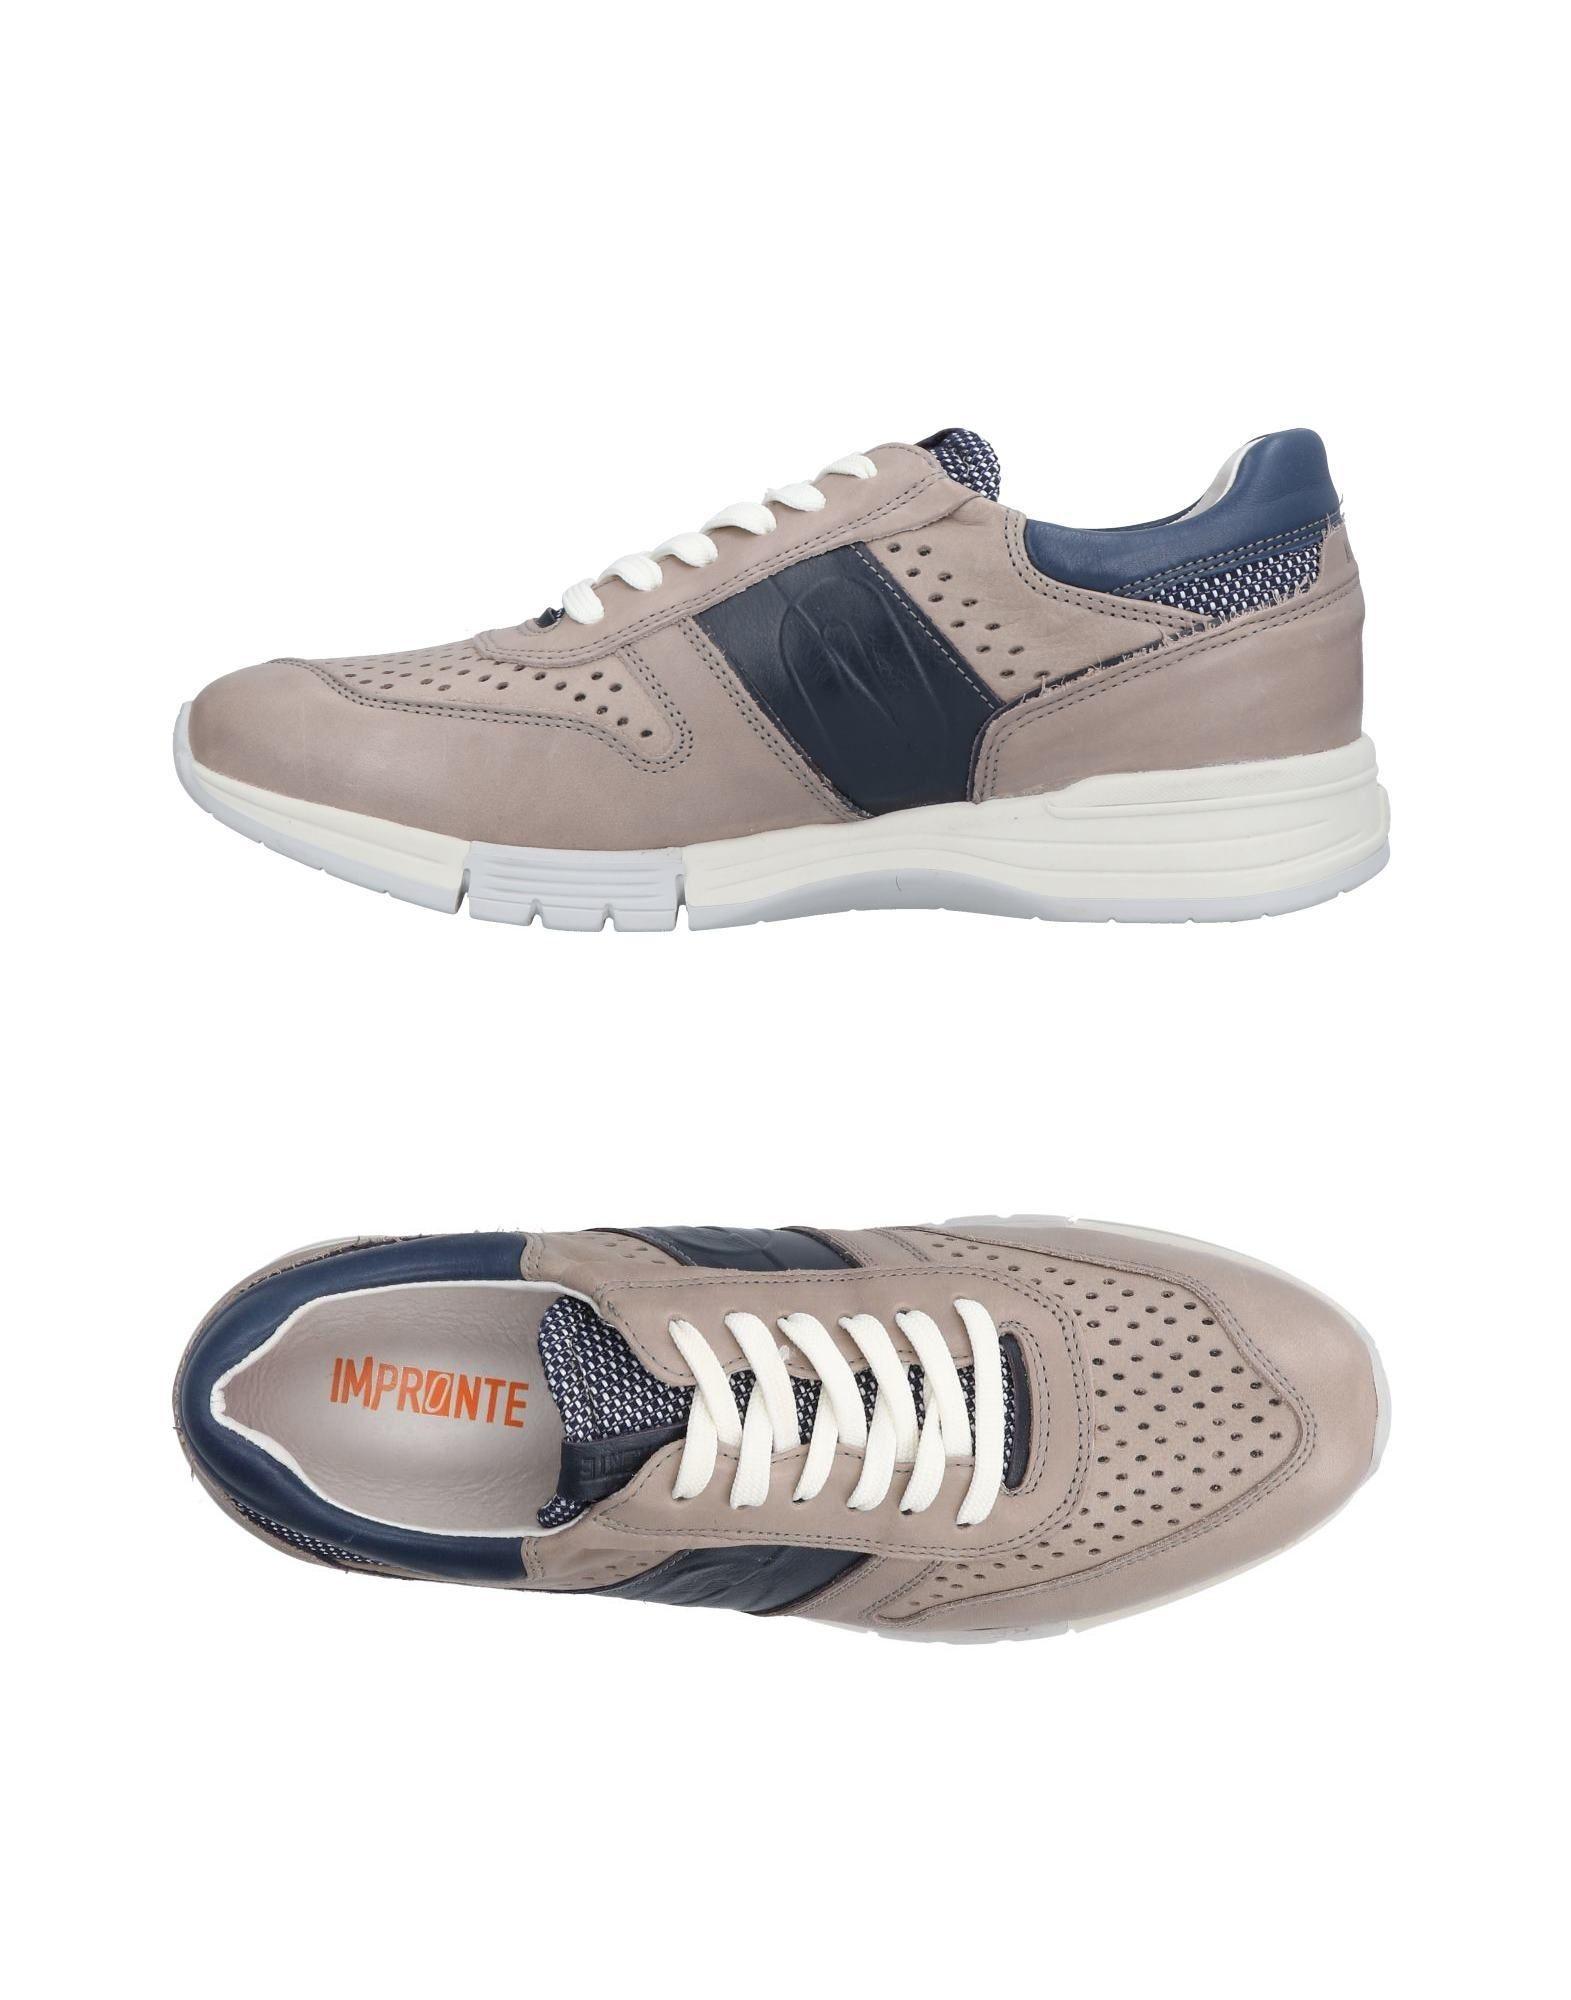 Sneakers Impronte Uomo - 11463735TQ Scarpe economiche e buone